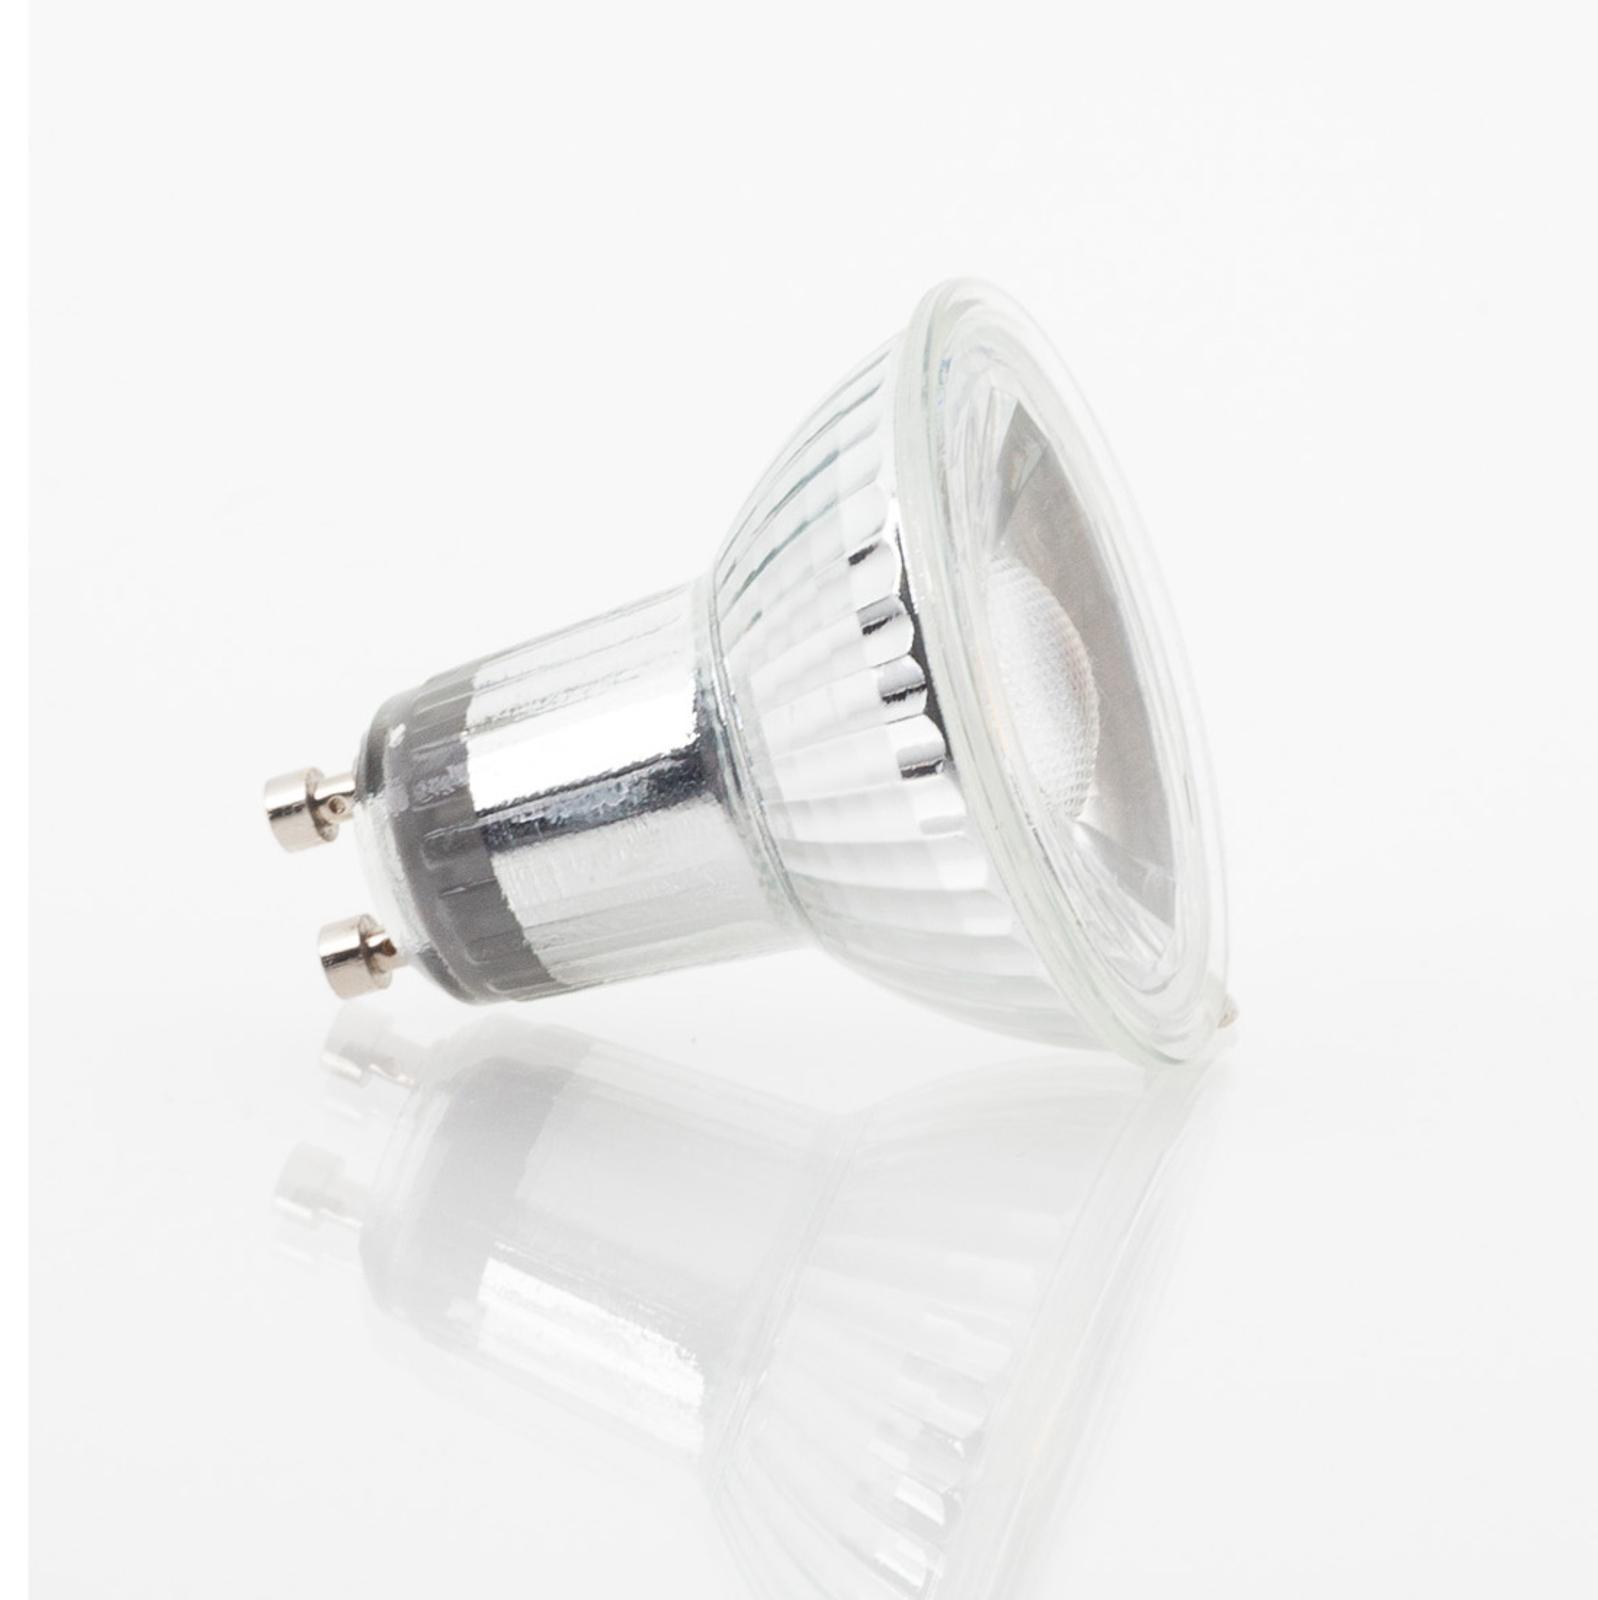 GU10 5W 830 LED żarówka reflektorowa, ściemn.